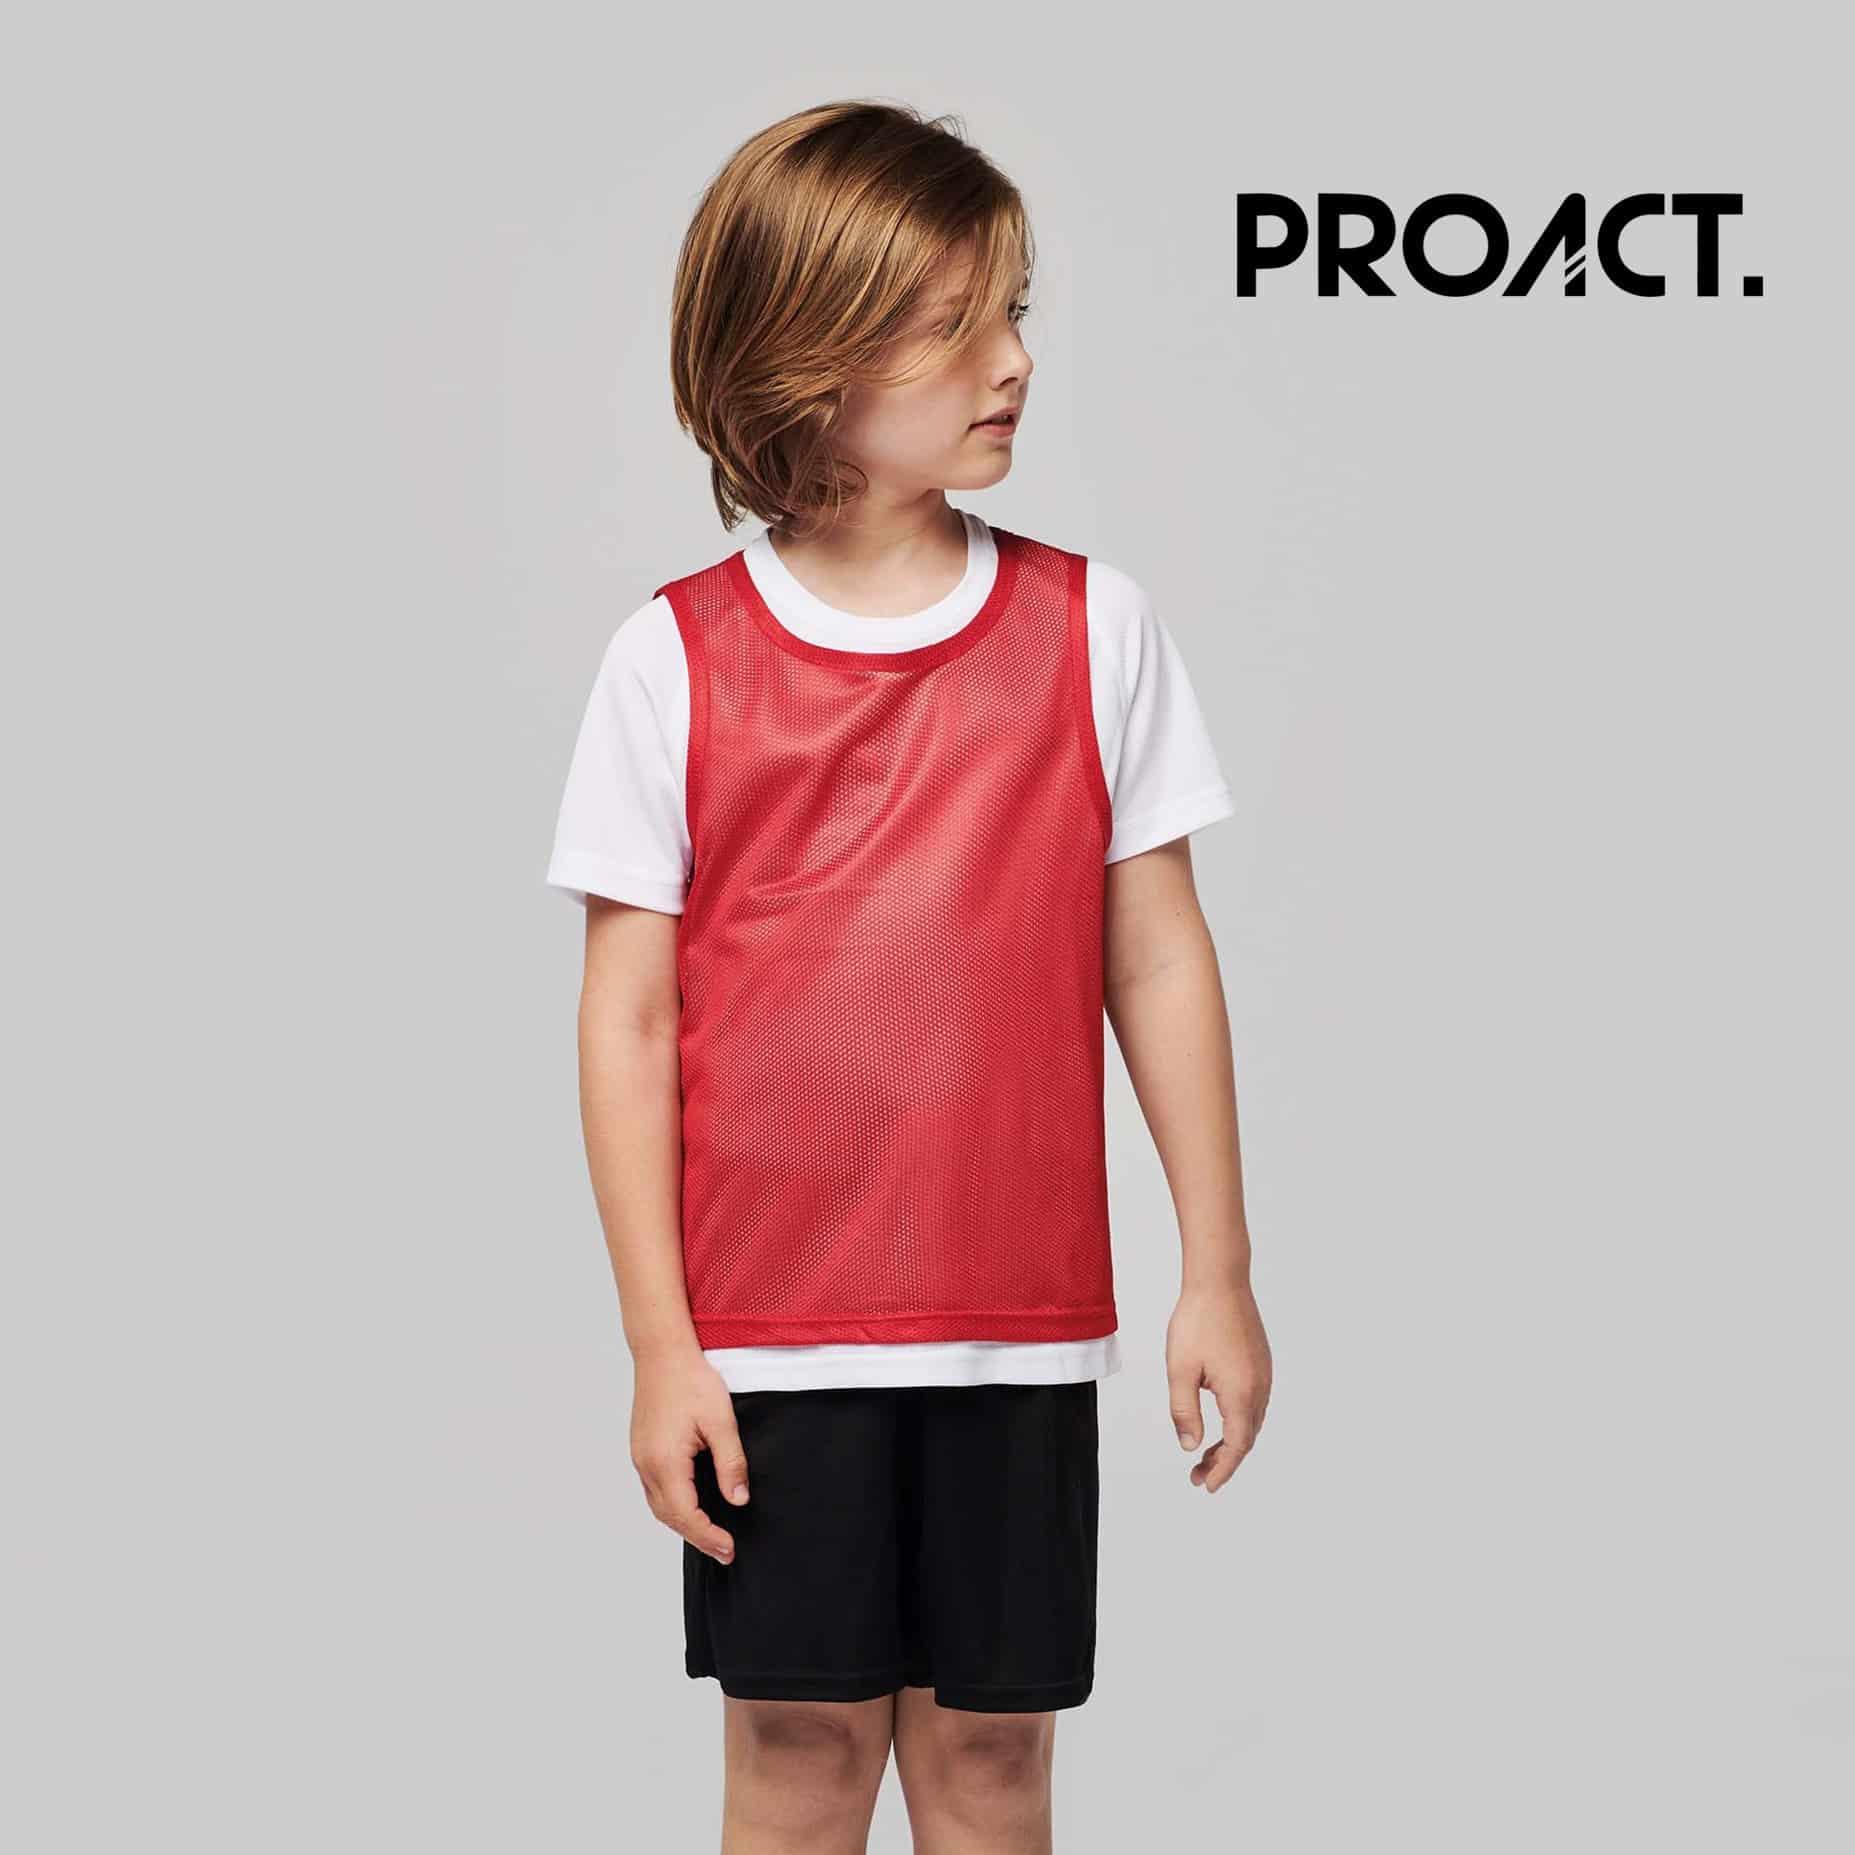 Bambino con pettorina rossa 100% poliestere con rete perforata